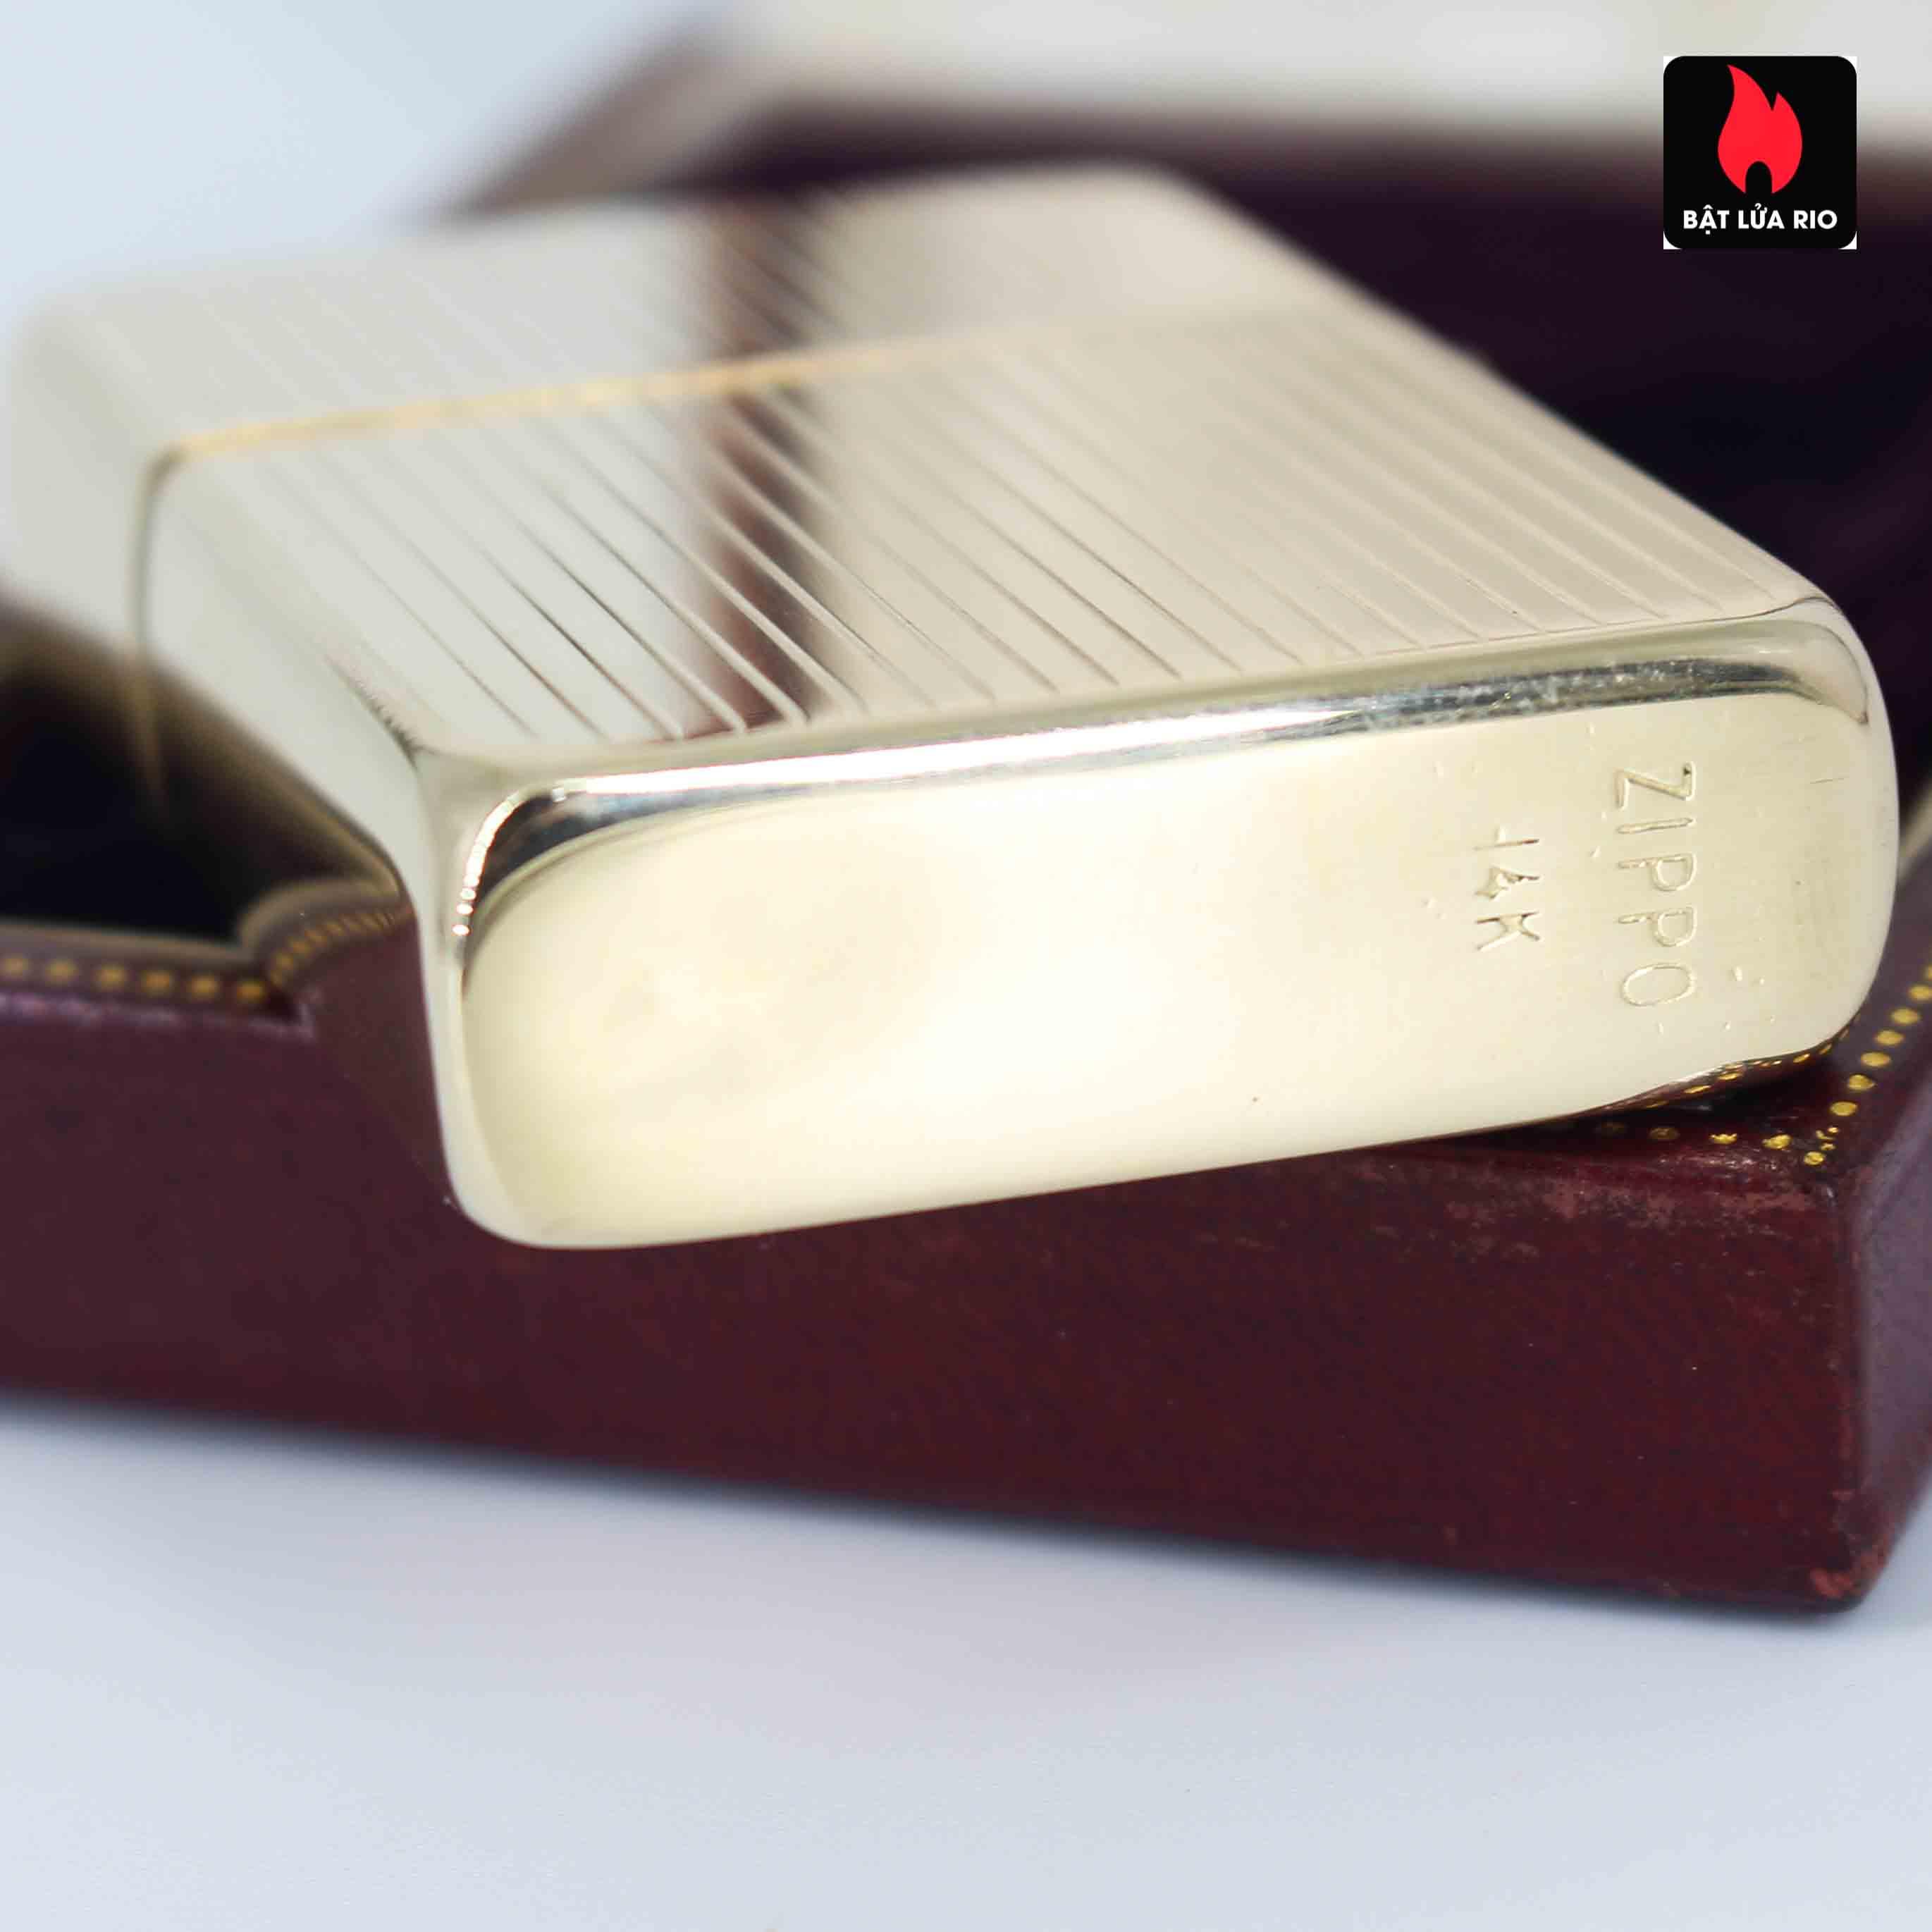 Hiếm - Zippo 1950s - Solid Gold 14k - Vàng Nguyên Khối 14k 4